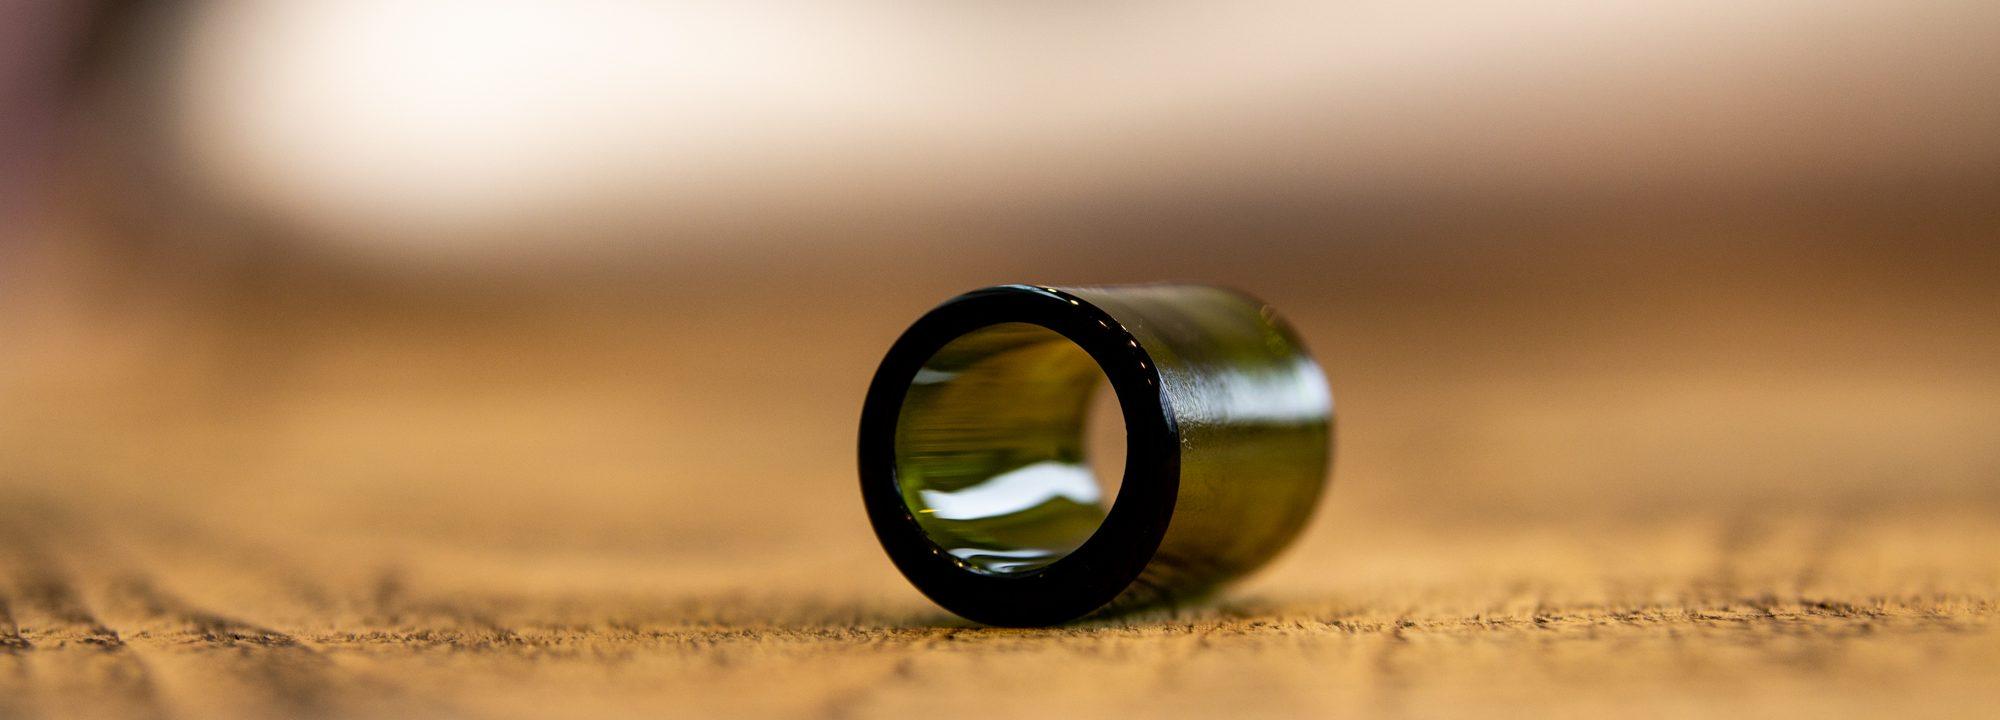 Green Glass Slide